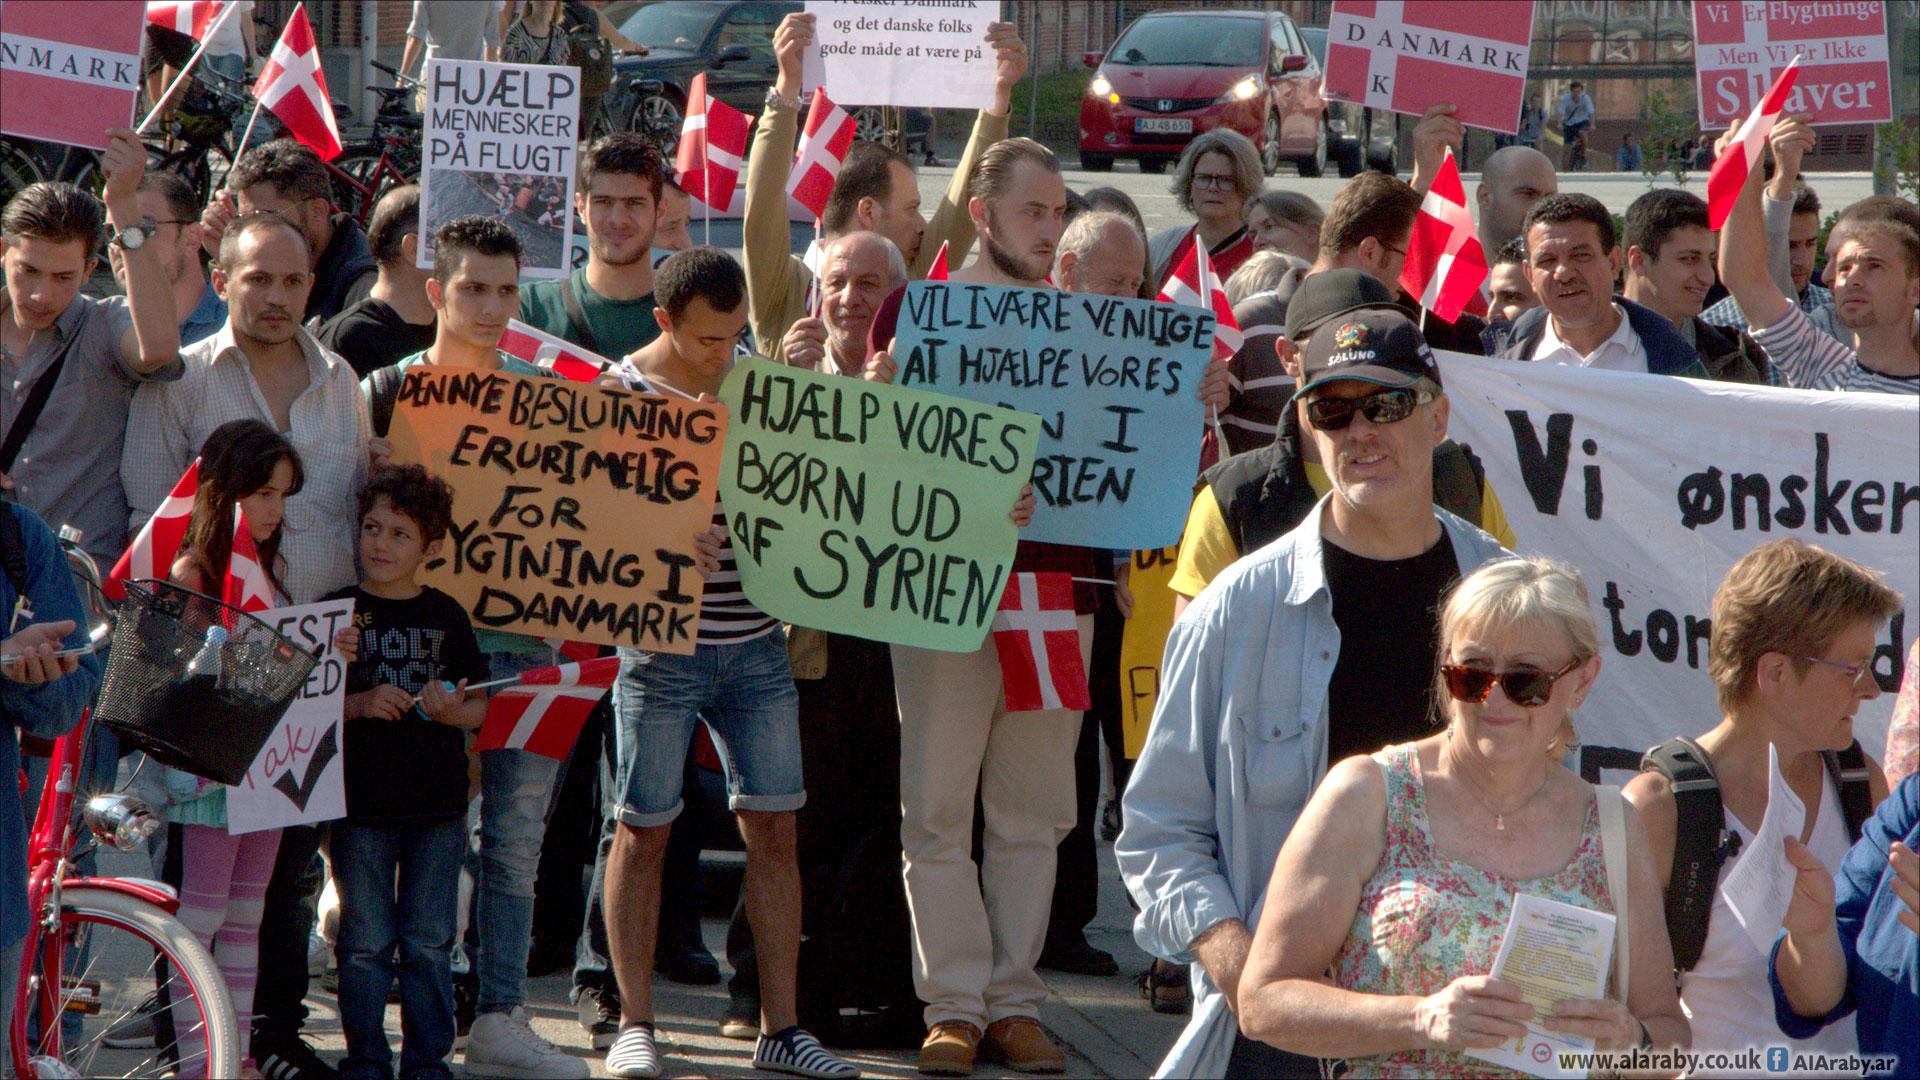 إلغاء 205 تصاريح إقامة وفقاً لقرار دنماركي بترحيل جماعي للسوريين